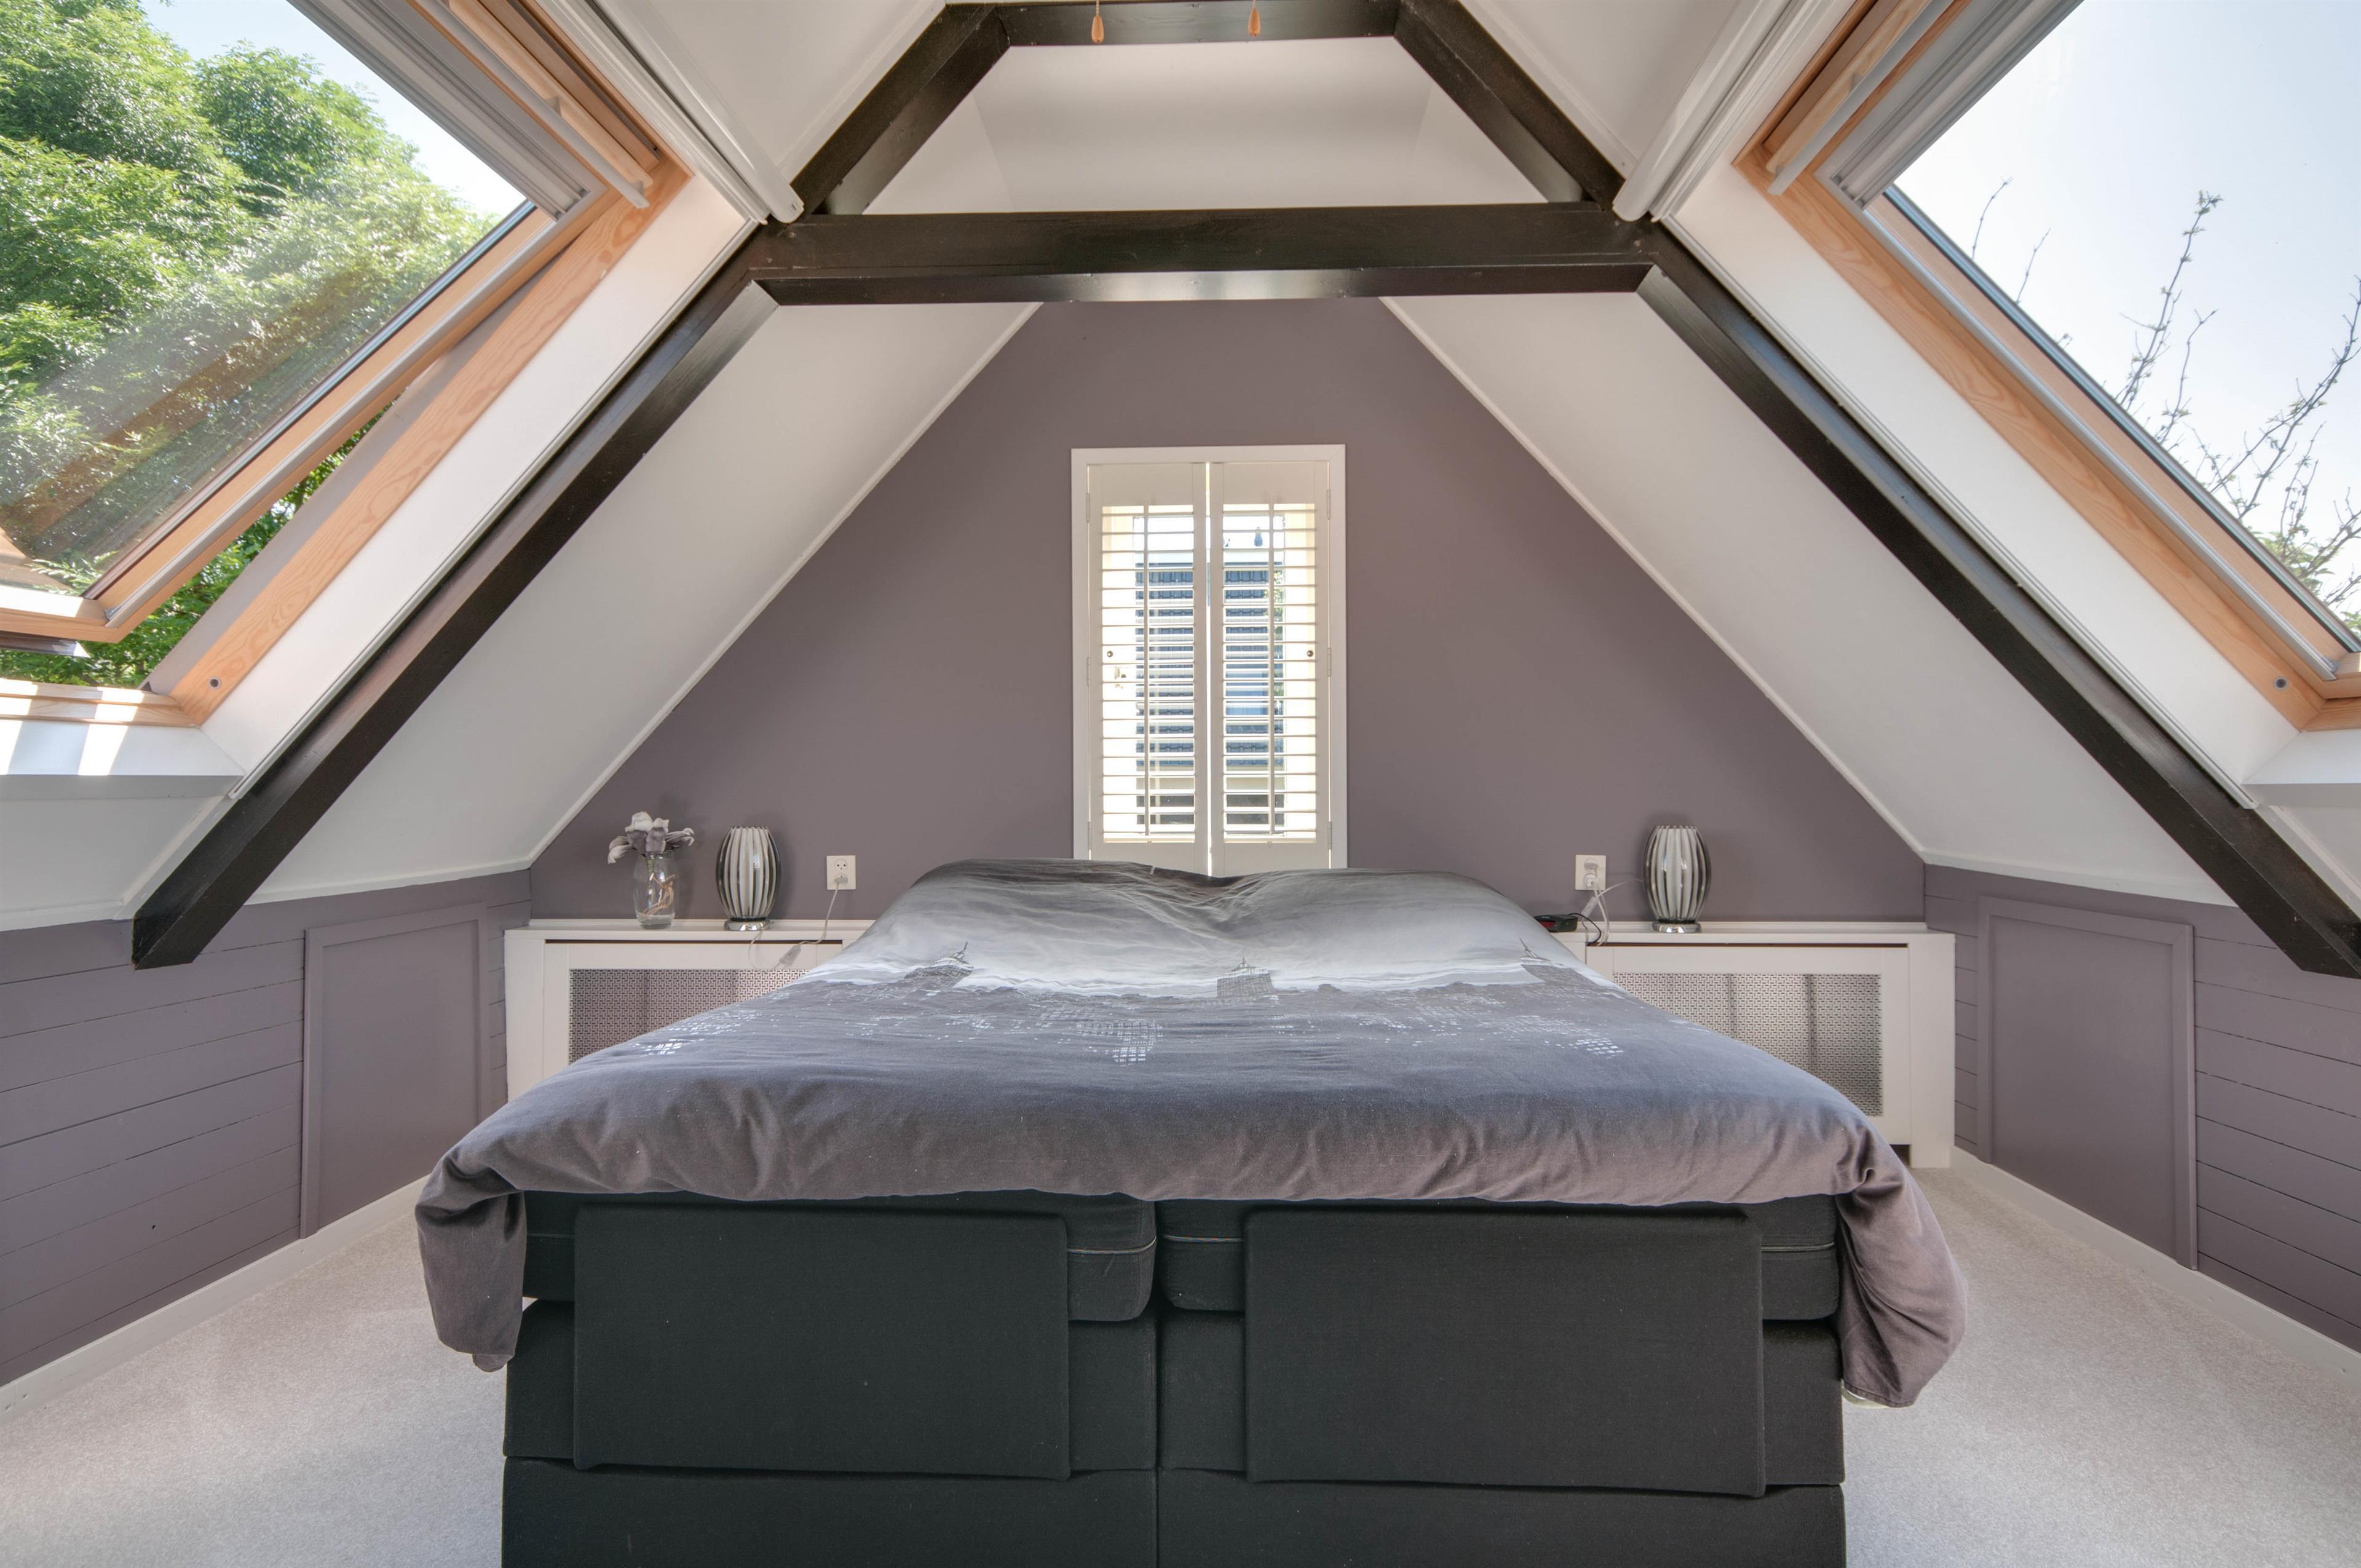 Huis design - Slaapkamer decoratie volwassenen ...